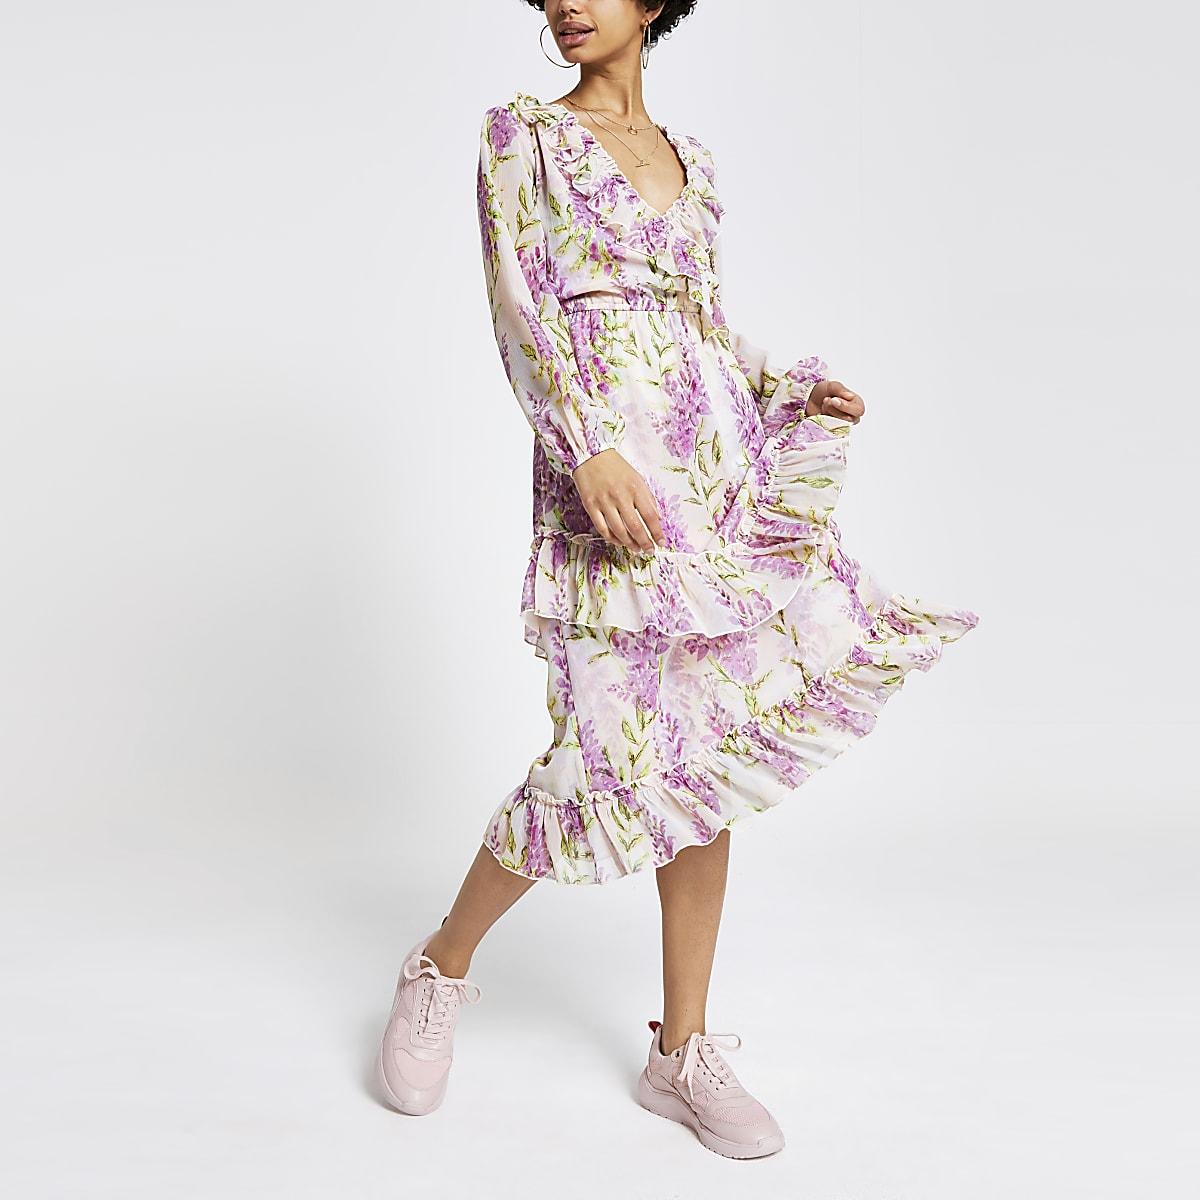 2b0b54d731f Purple floral frill maxi dress - Maxi Dresses - Dresses - women